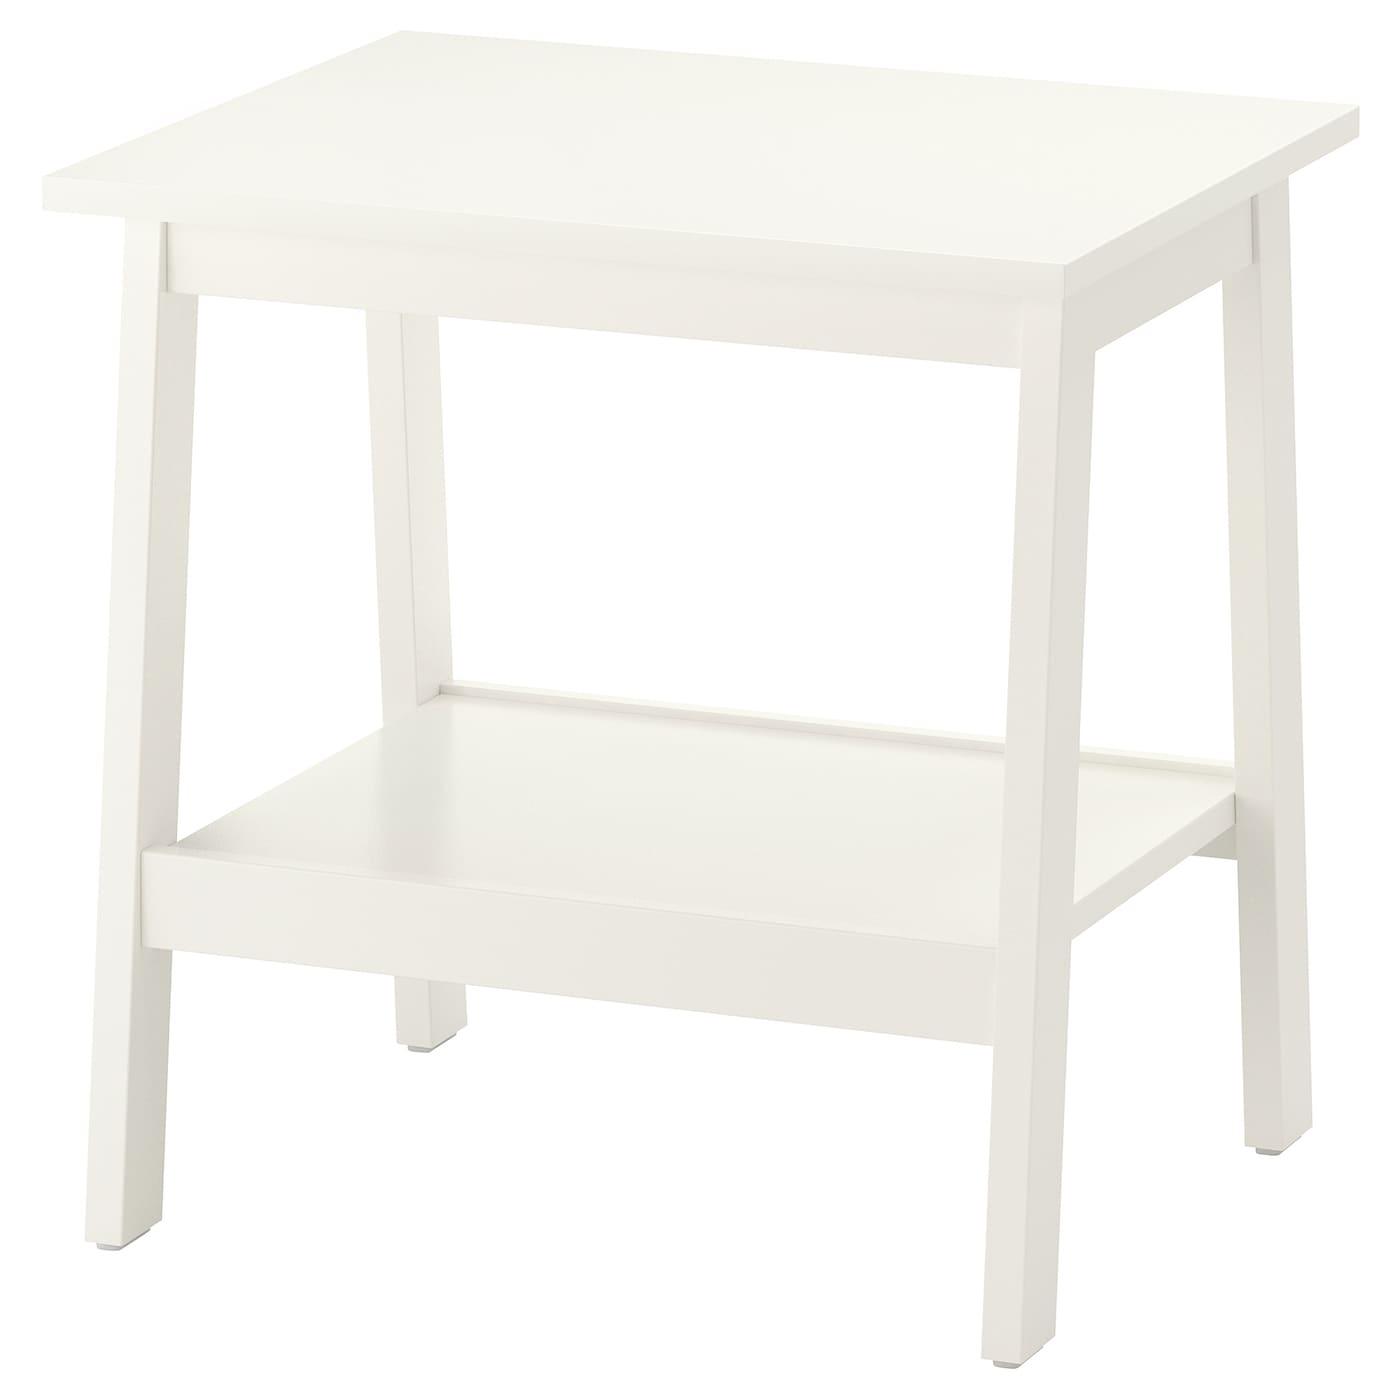 IKEA LUNNARP biały stolik, 55x45 cm